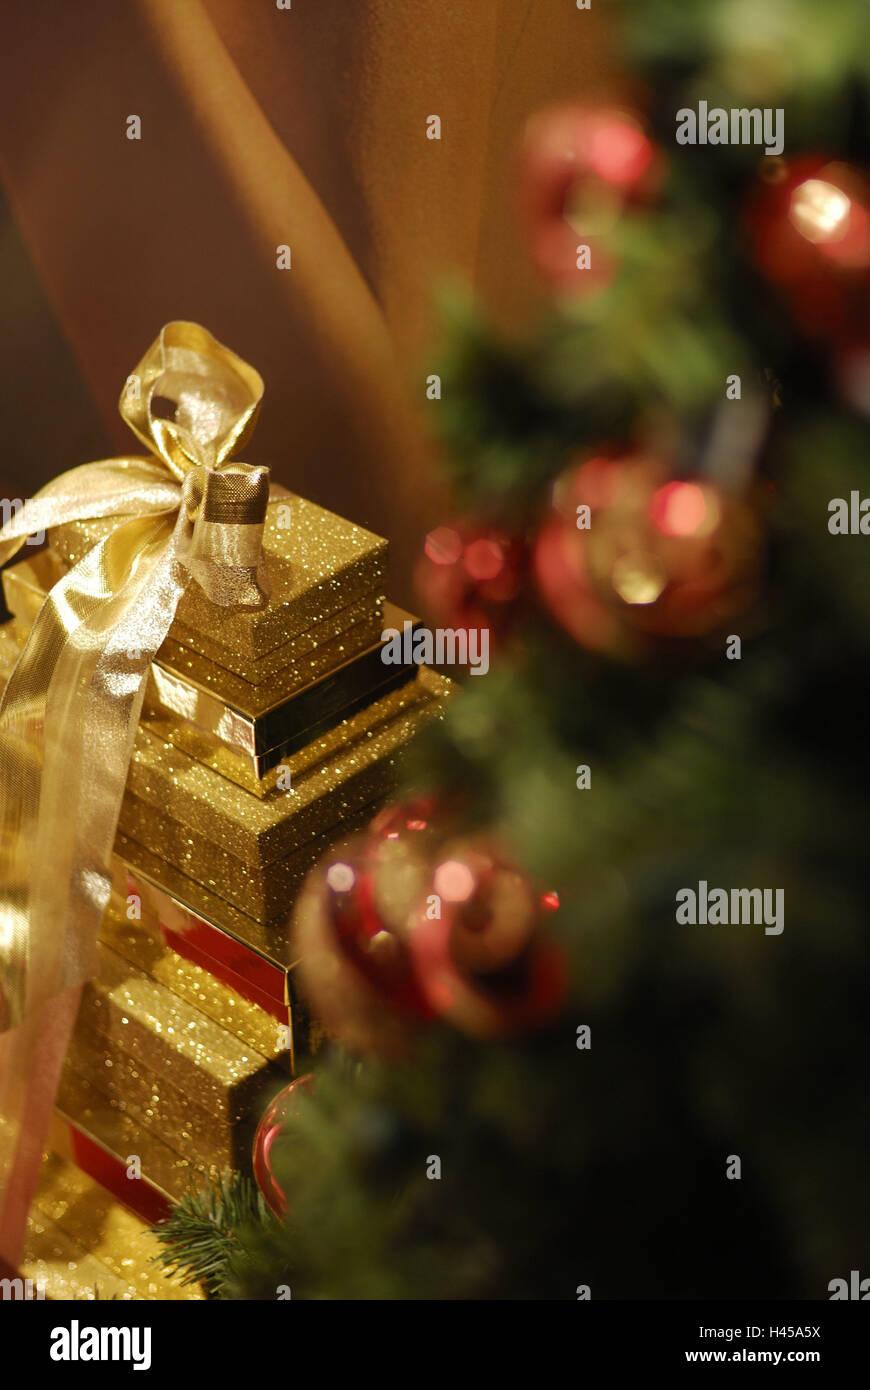 Weihnachtsbäume, Geschenk Chargen, Schleife, mittlere Nahaufnahme ...